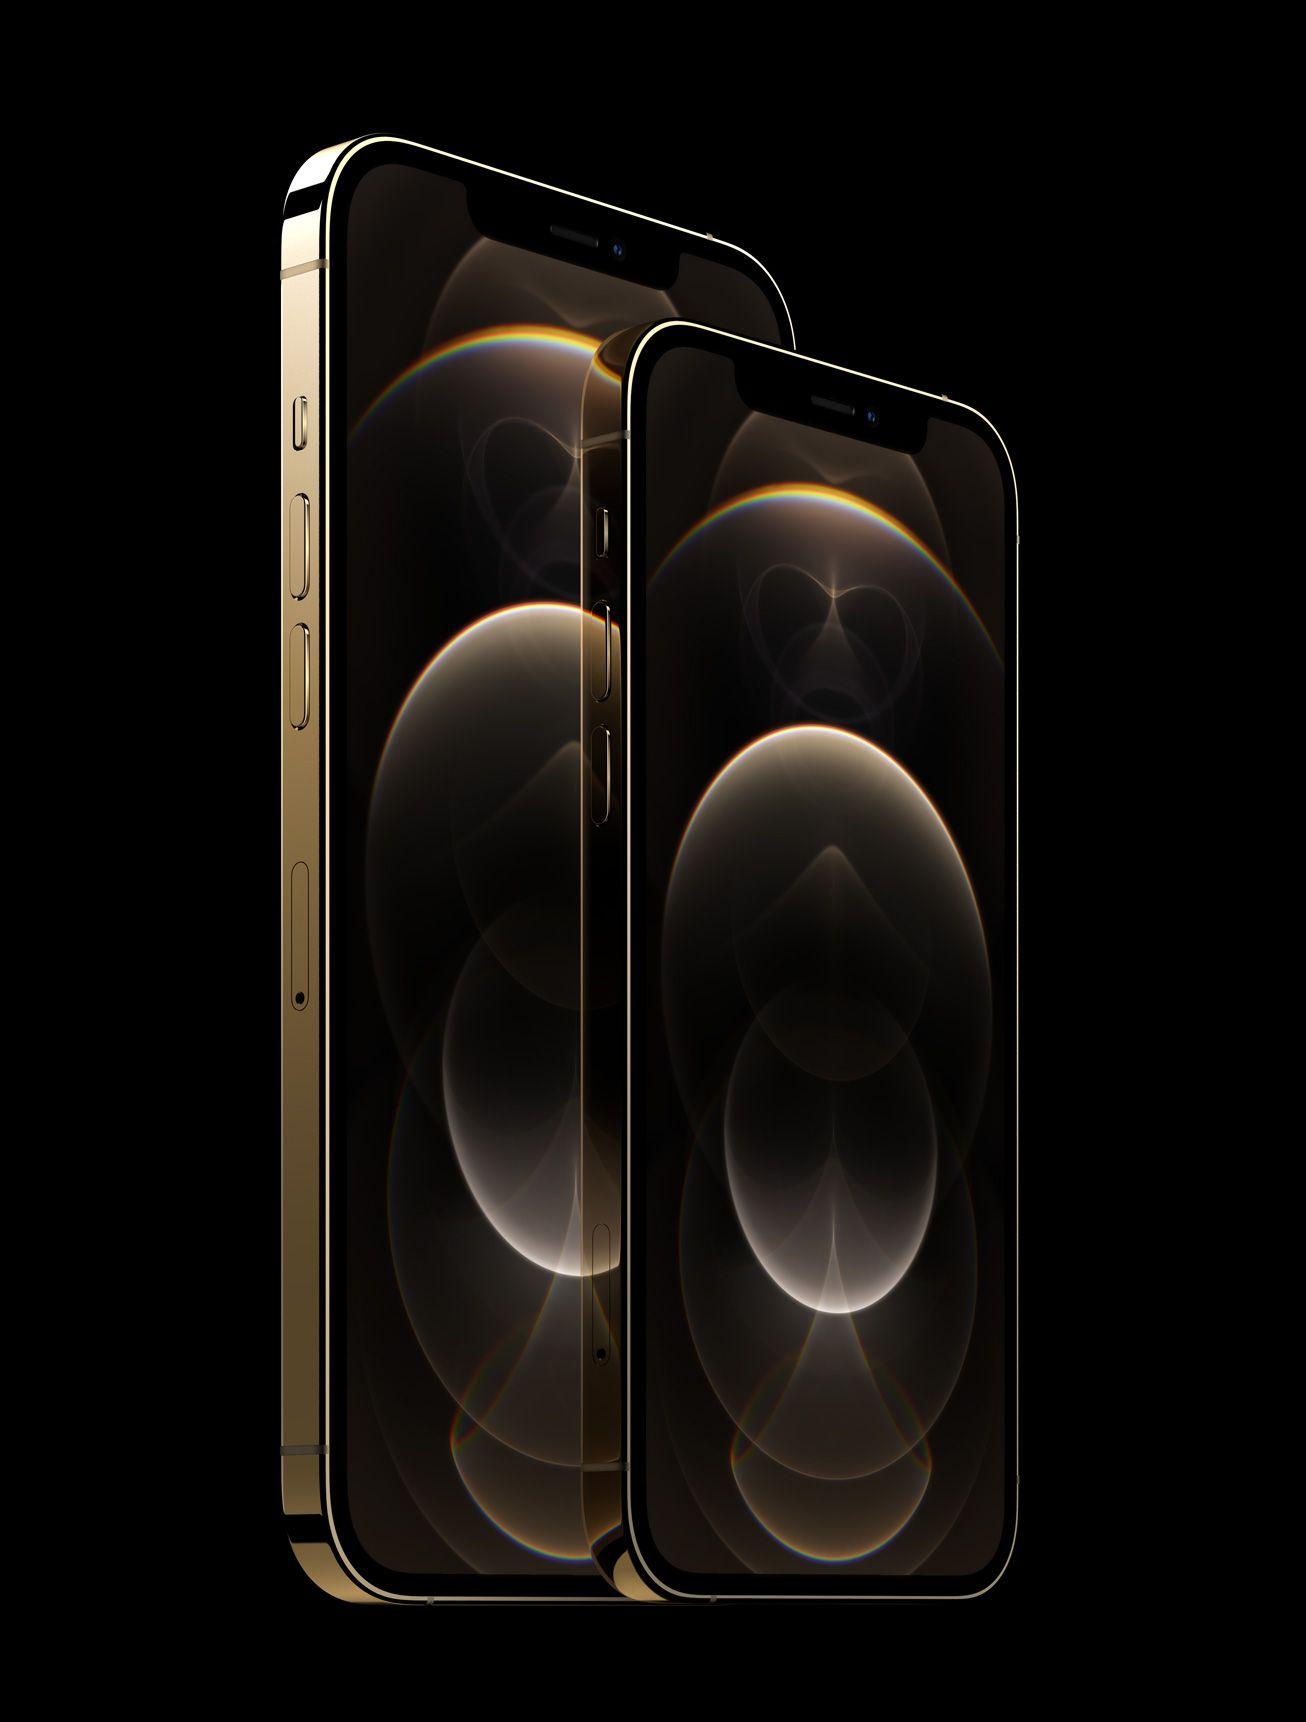 Best Apple Iphone 12 Pre Order Deals